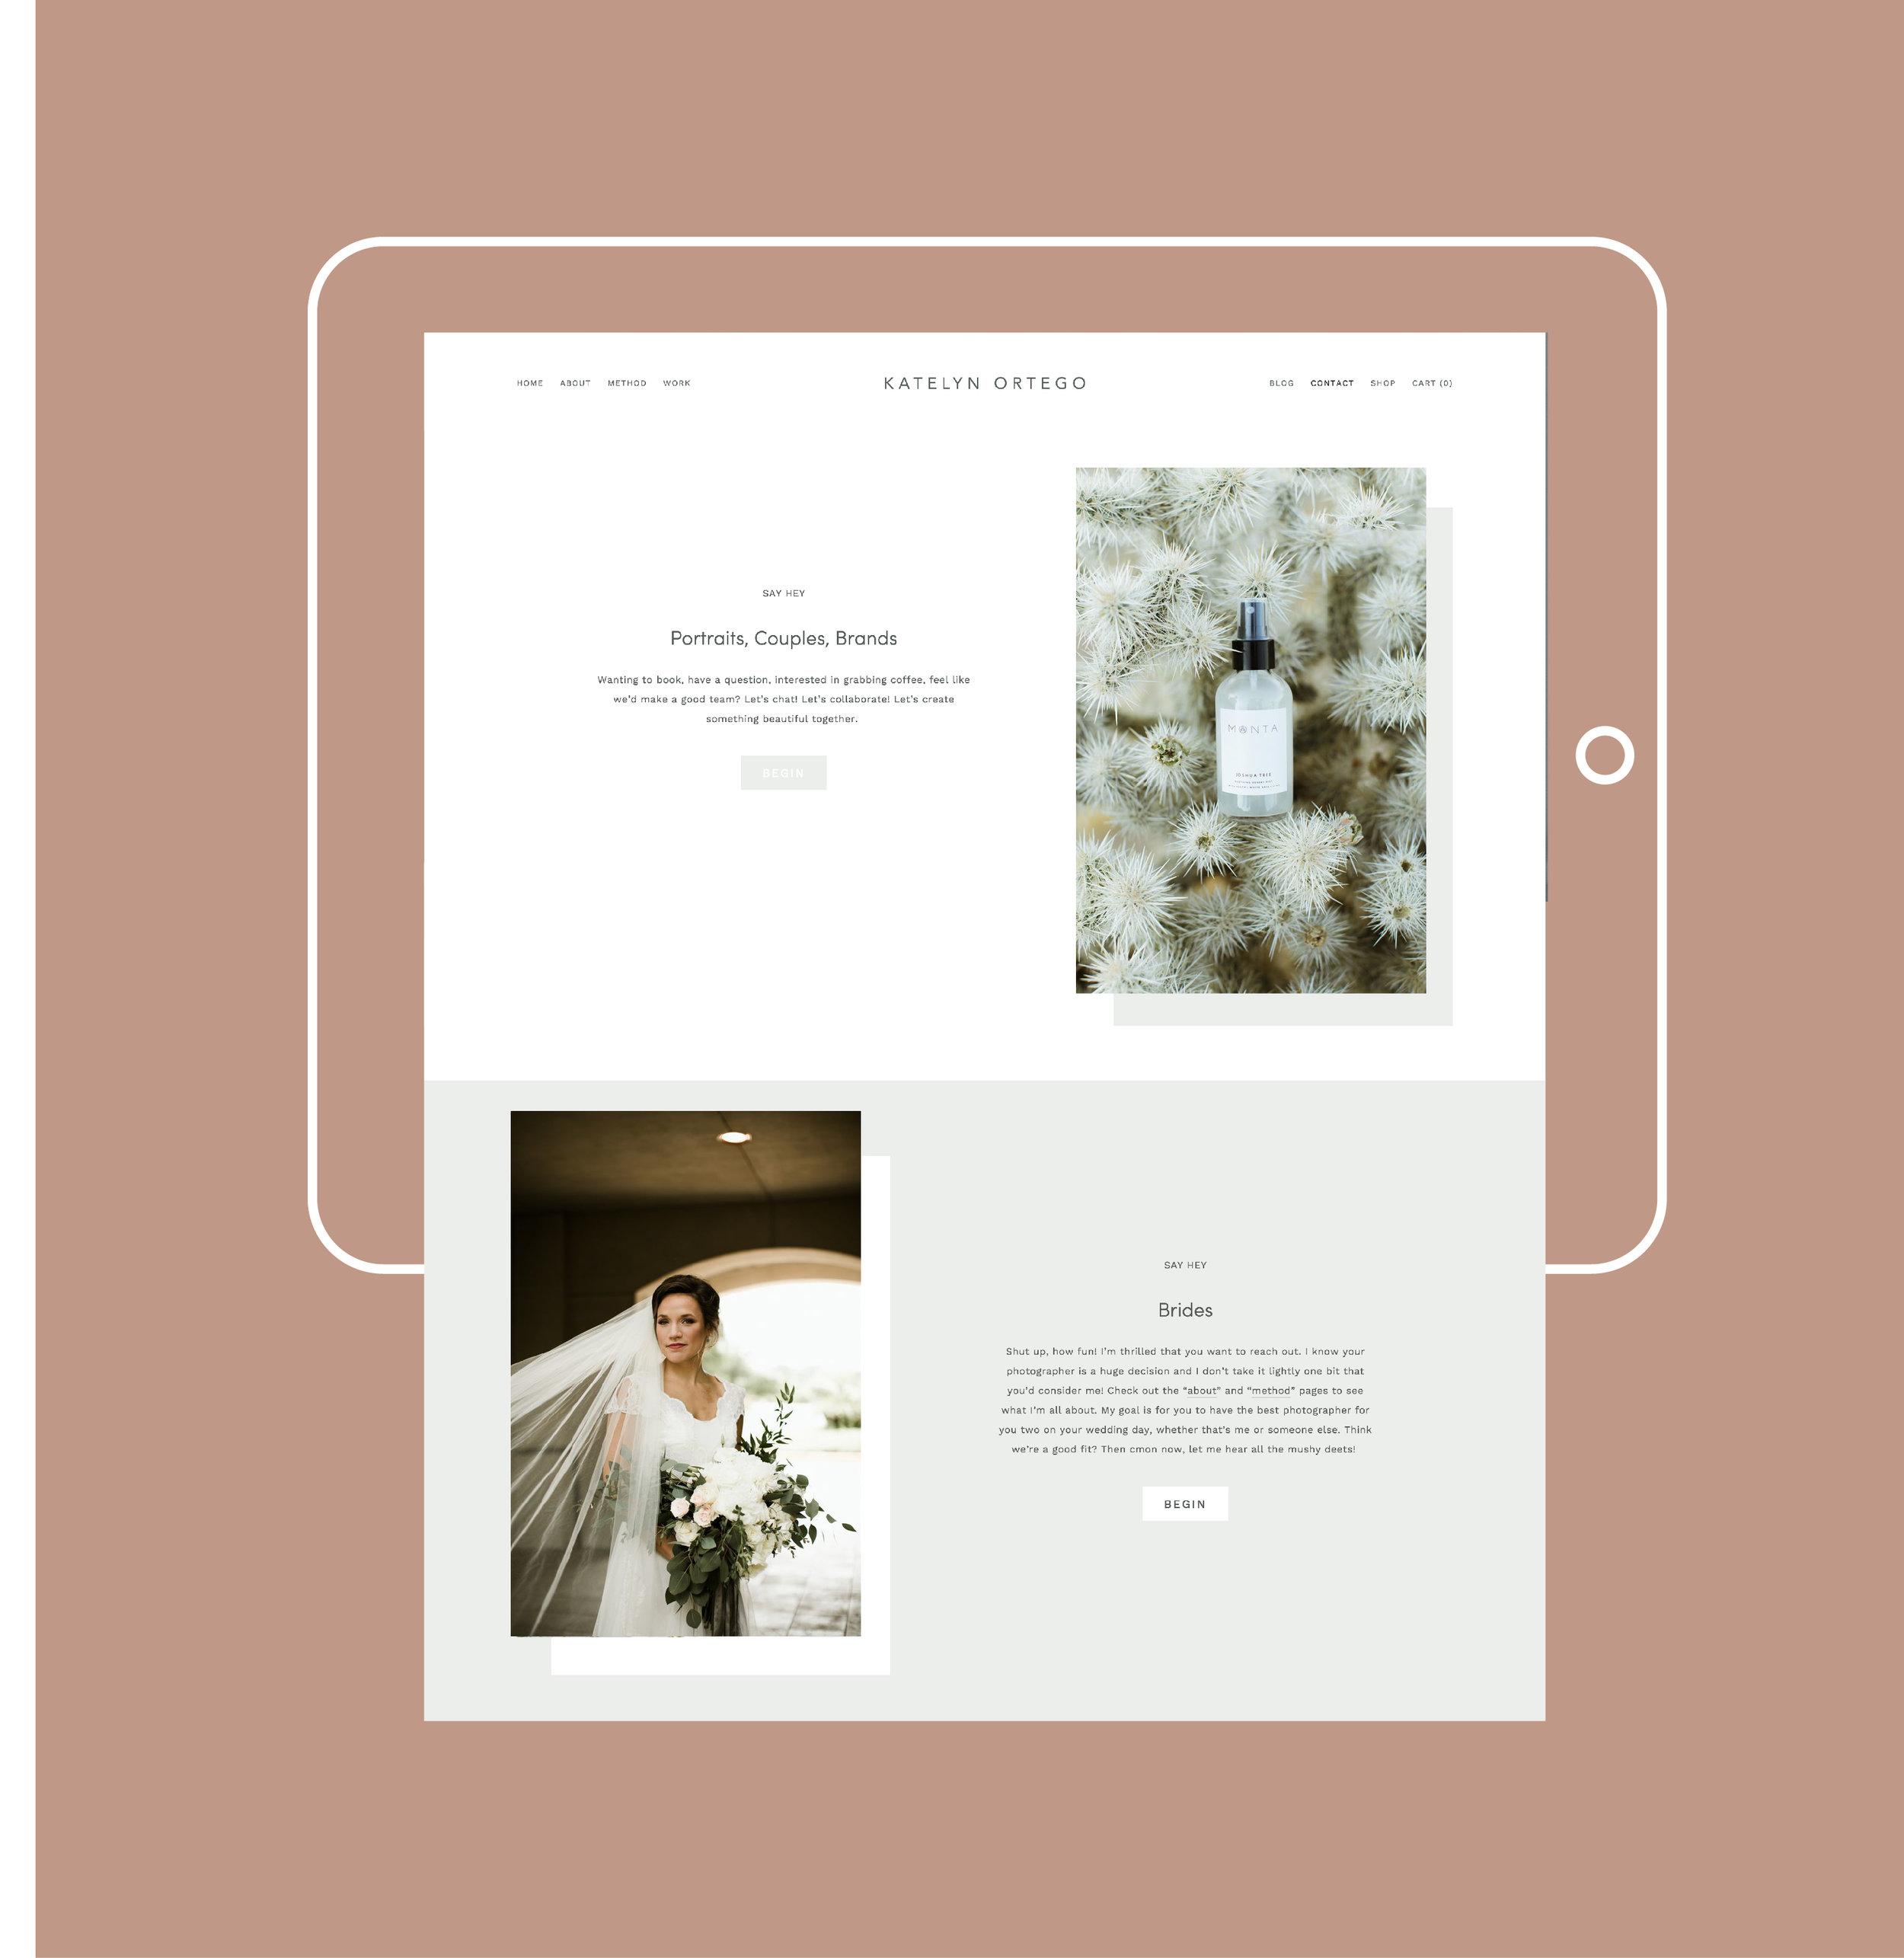 CANOPY_Katelyn Ortego_Website Design-10.jpg